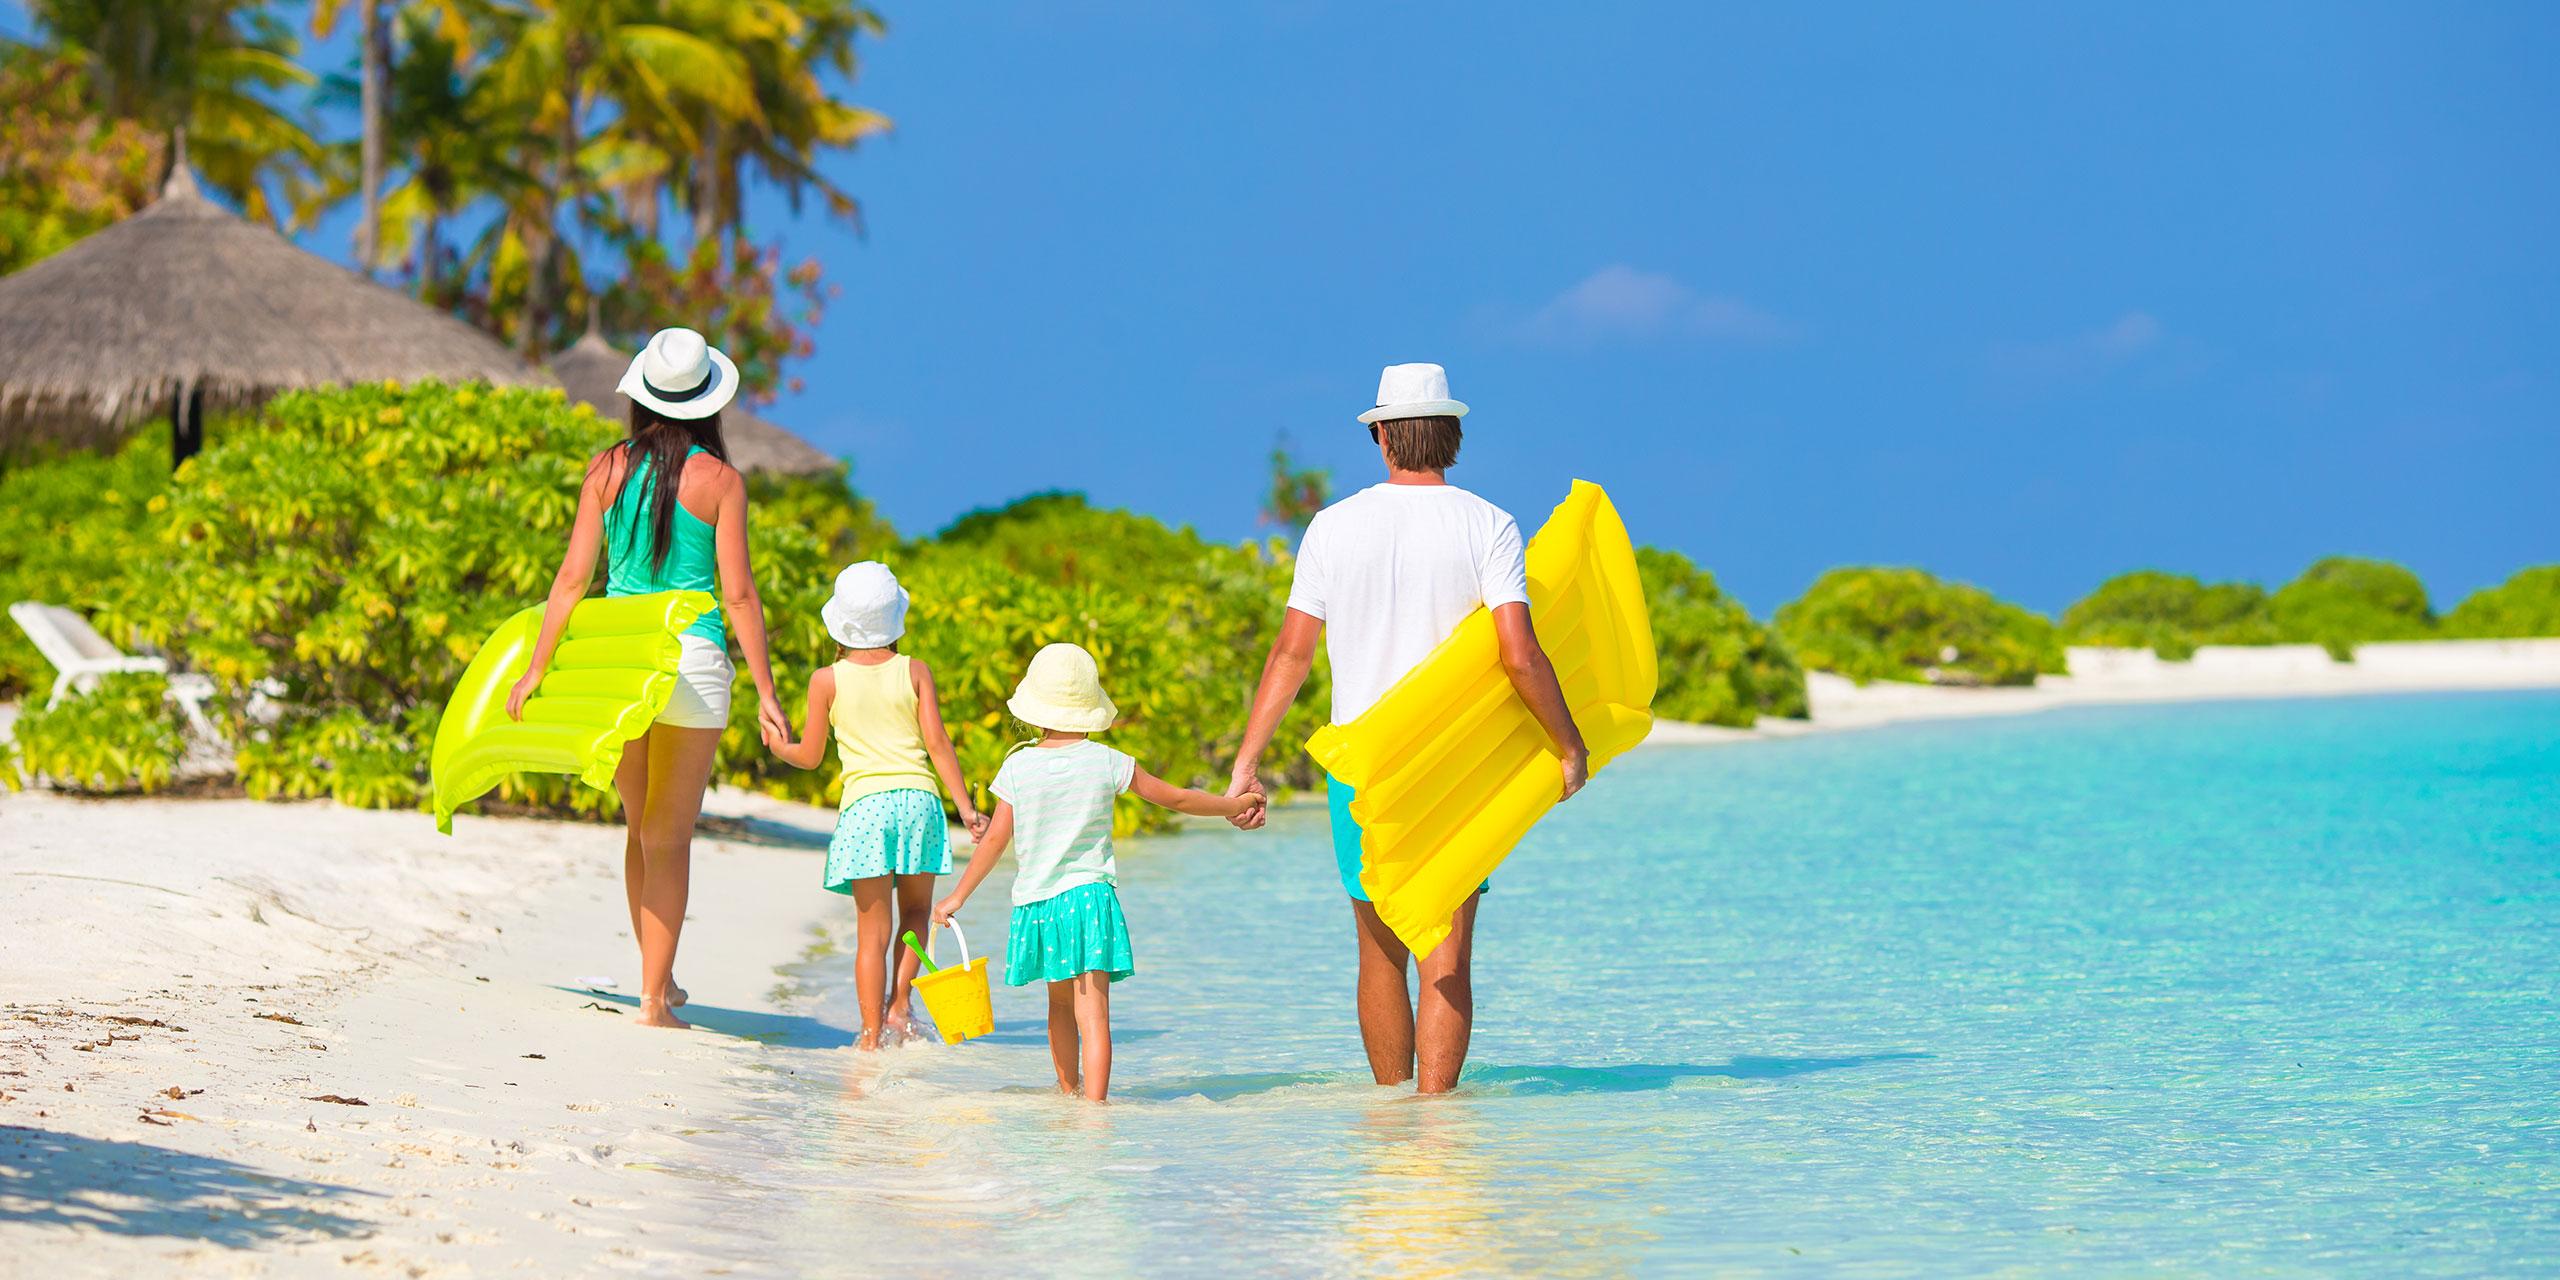 Family Walking on Caribbean Beach; Courtesy of TravnikovStudio/Shutterstock.com